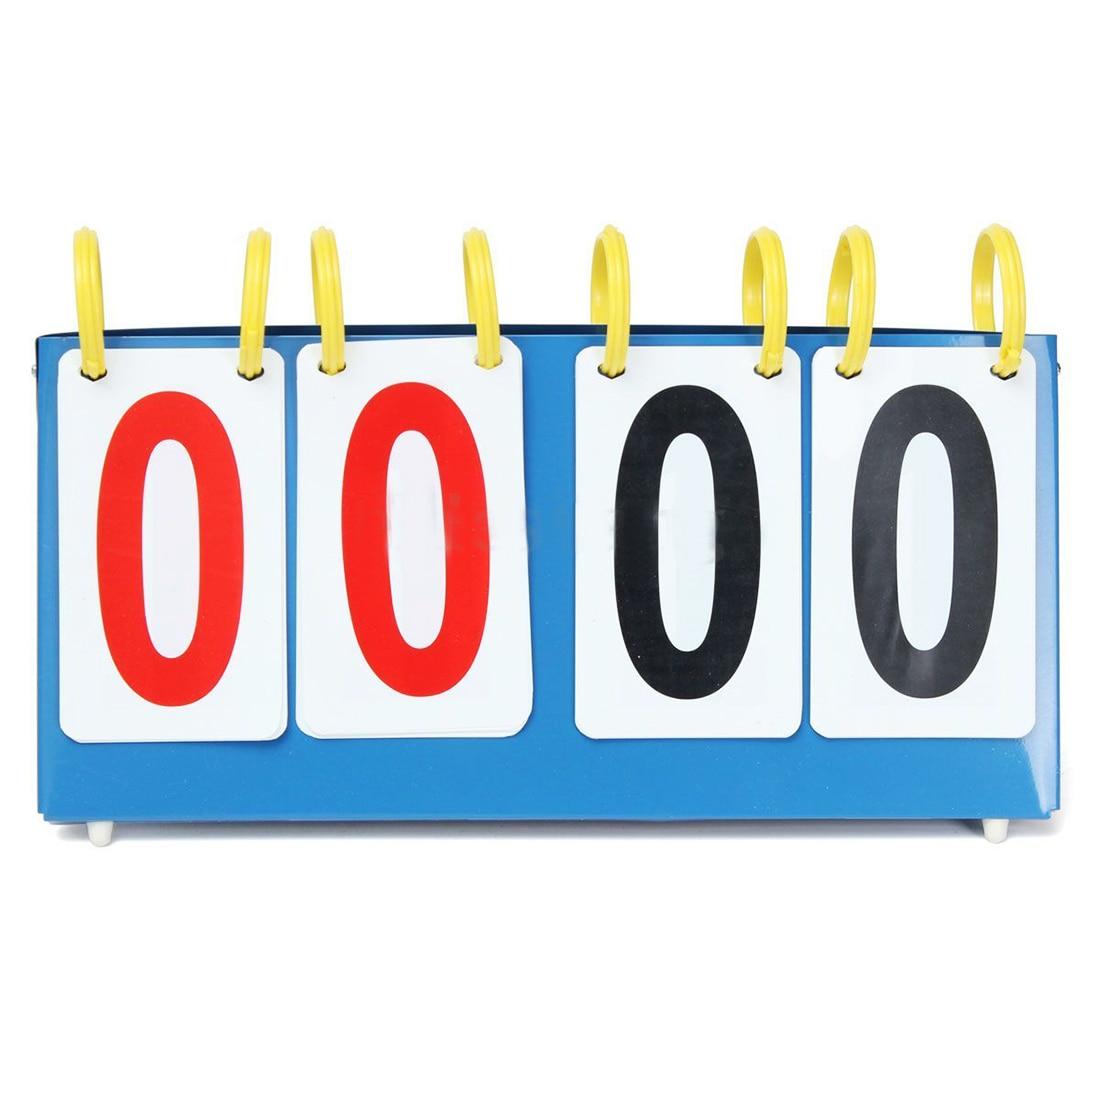 Portable 4 Digit Scoreboard Sports Flip Score Board Basketball Scorer Tennis